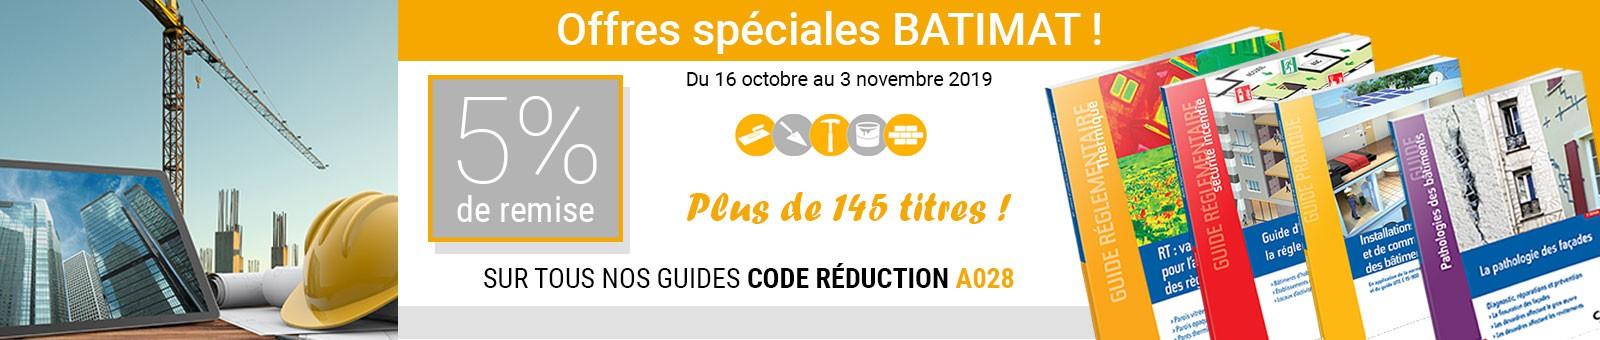 Offres Batimat Guides CSTB